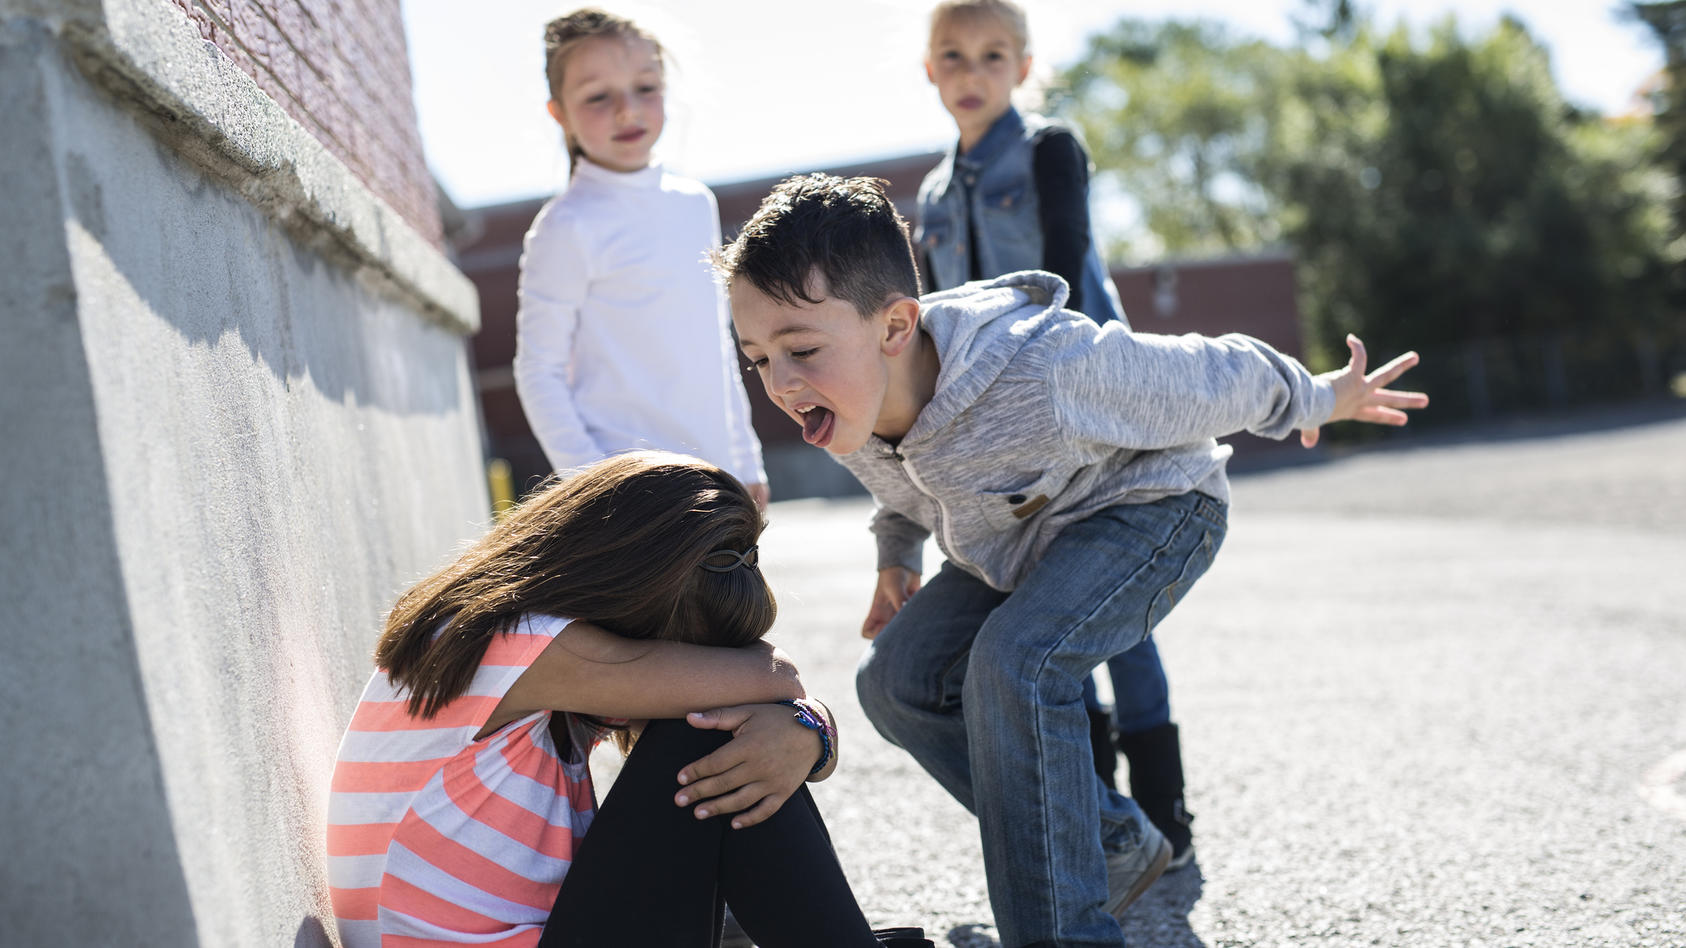 wie-sollten-kinder-am-besten-reagieren-wenn-sie-von-anderen-kindern-geschubst-oder-geargert-werden-symbolbild